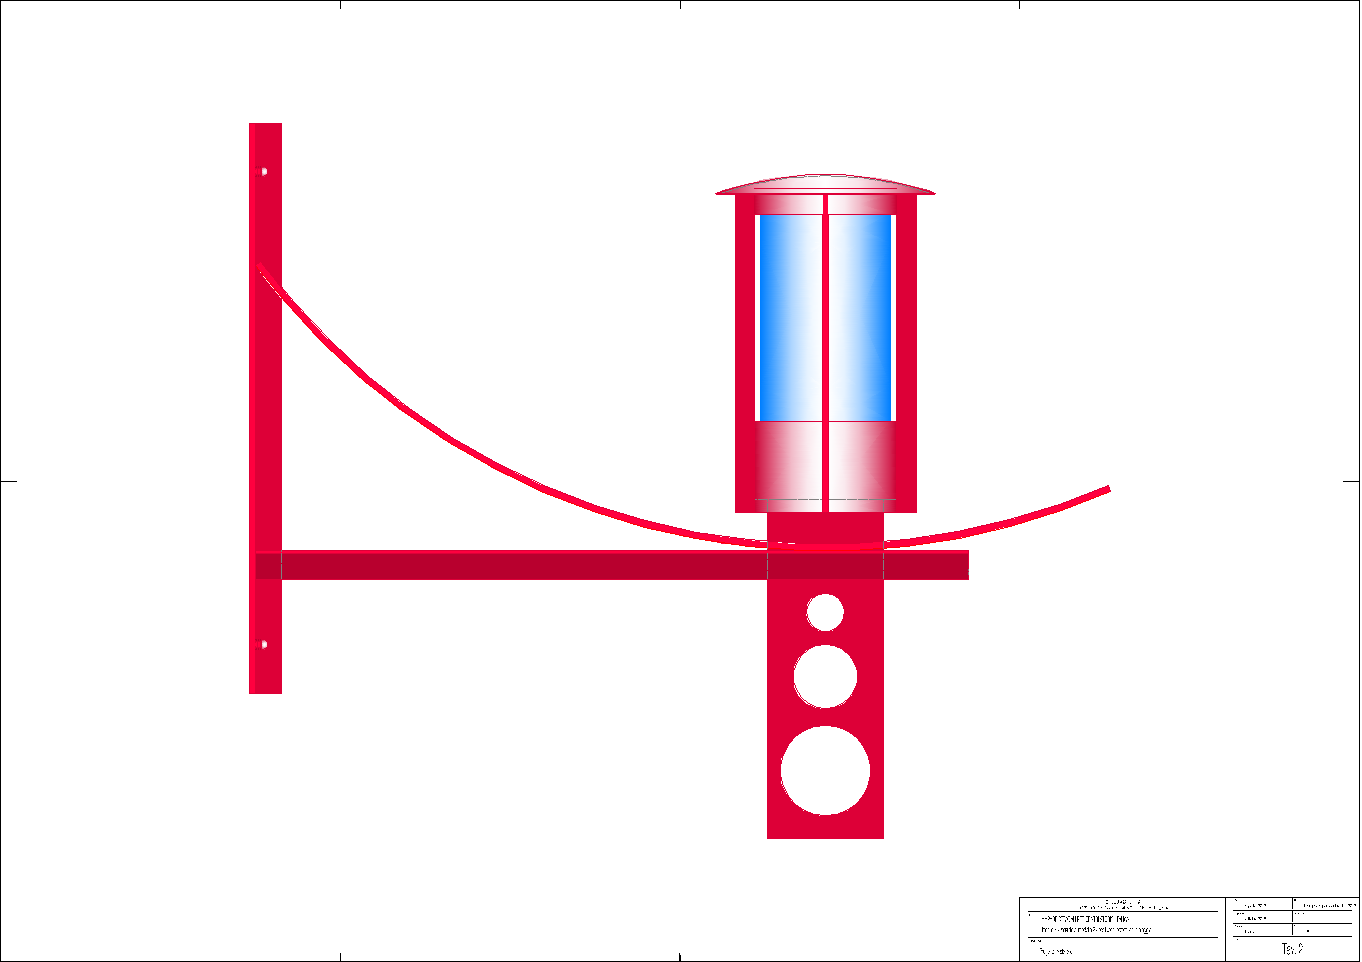 12-lampada-per-centro-sotrico-2013-copia-3-model